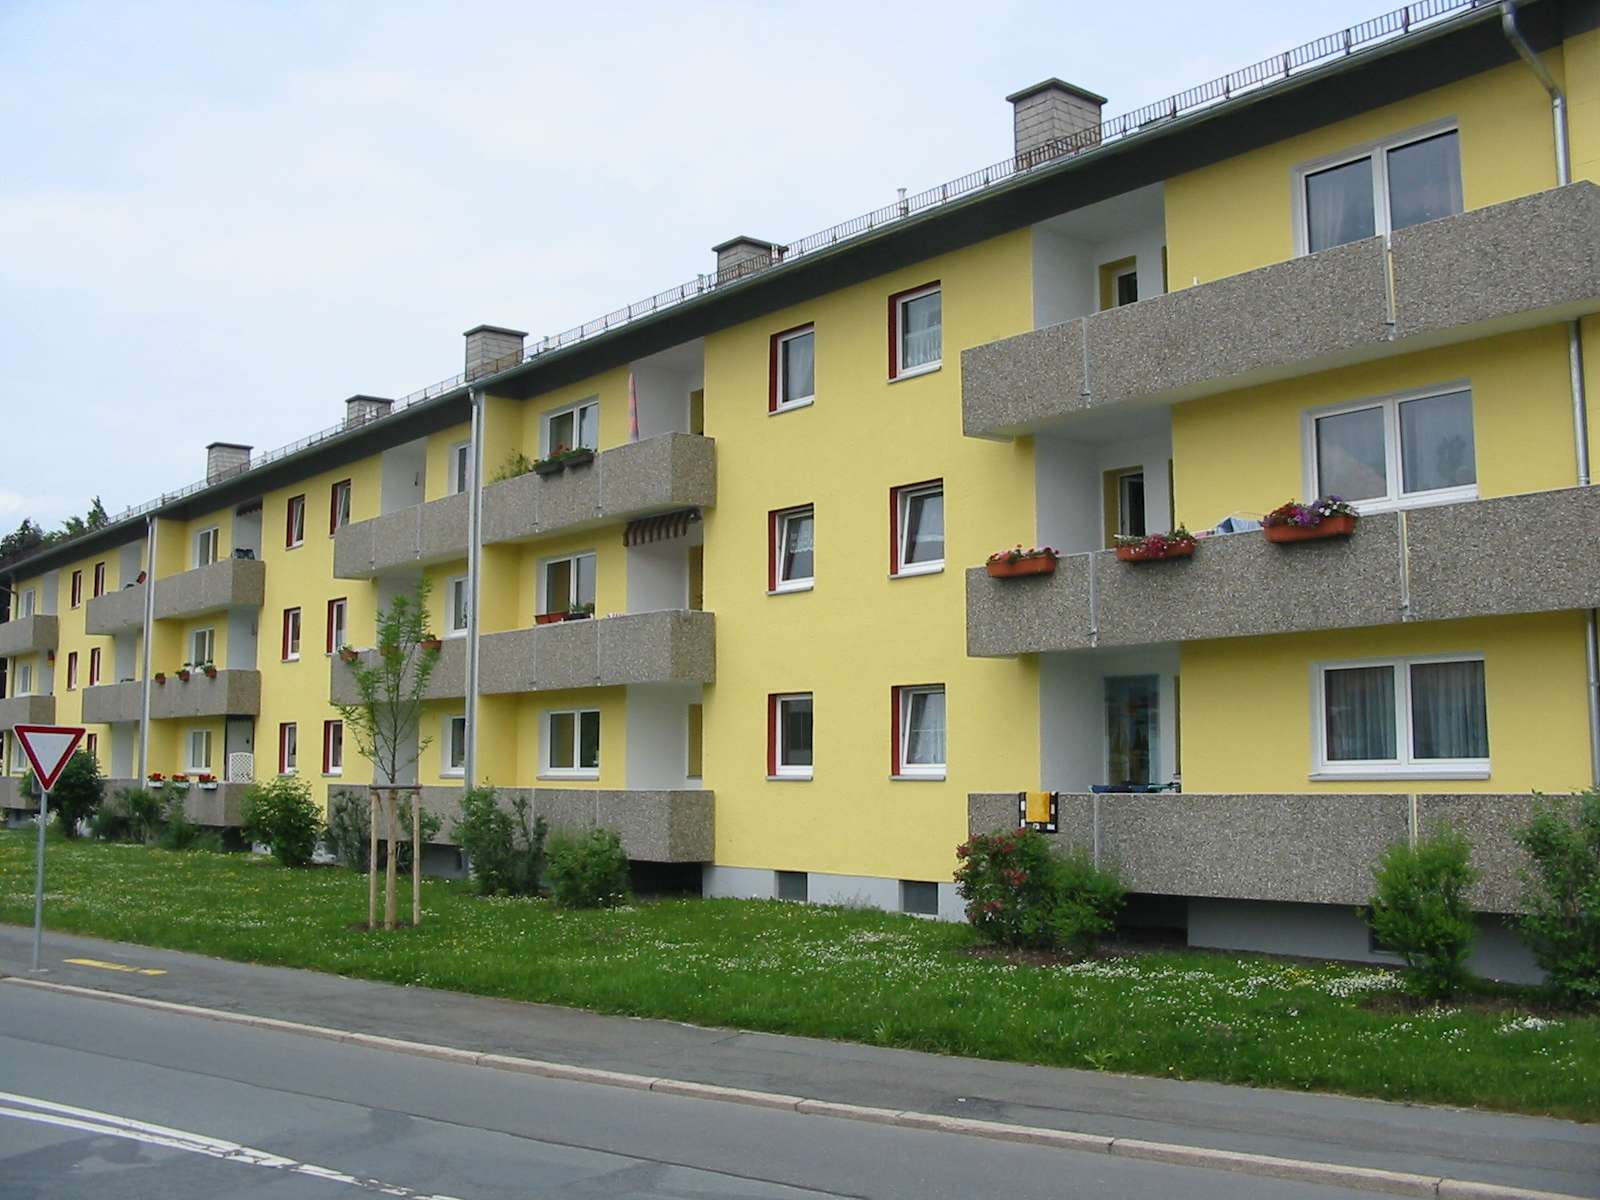 Großzügig geschnittene Wohnung in der Wunsiedler Straße in Hof-Innenstadt